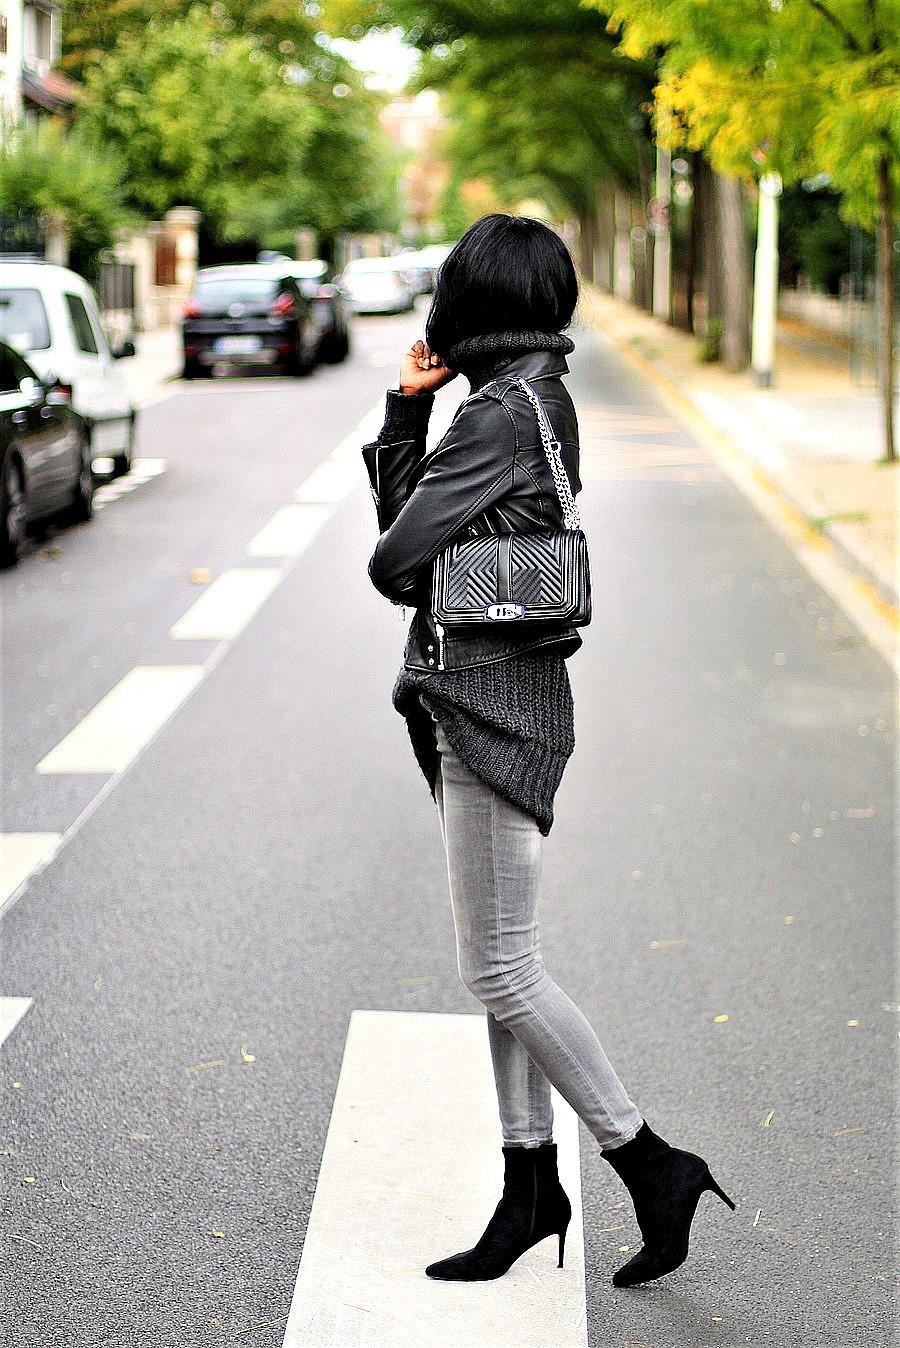 comment-s-habiller-quand-il-fait-froid